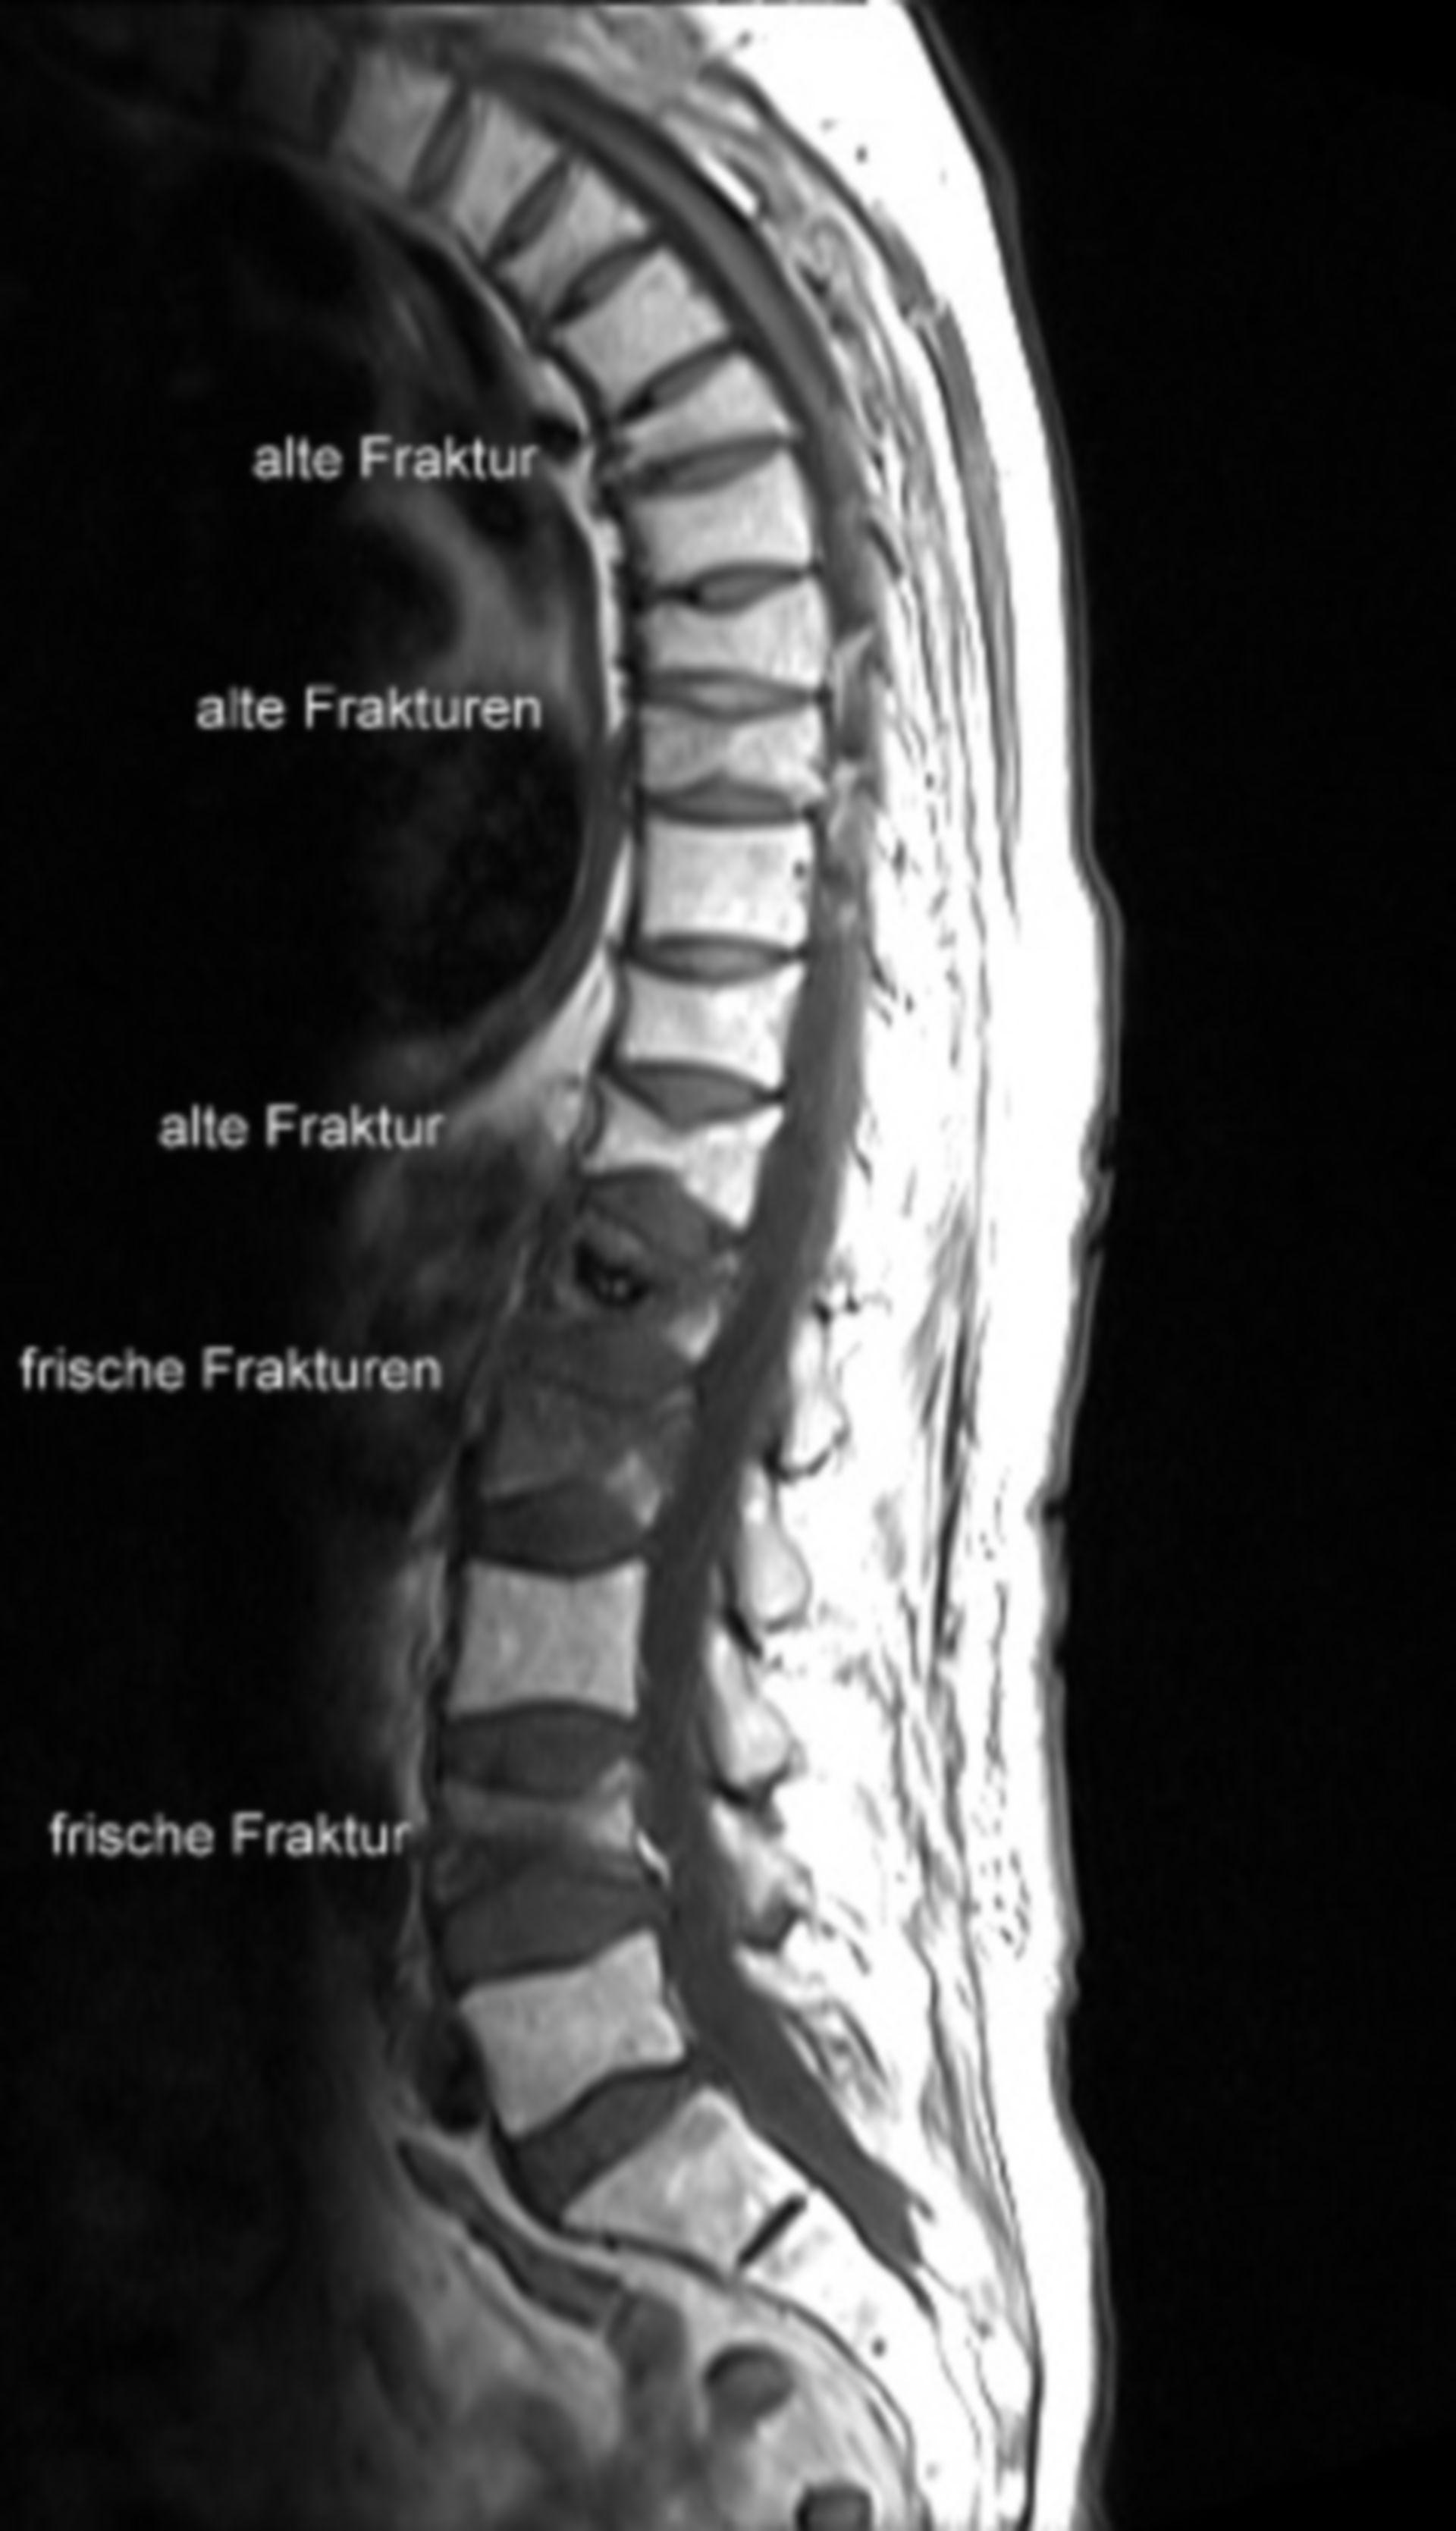 Osteoporosis - Multiples fracturas recientes y antiguas de las vertebras (etiquetada)